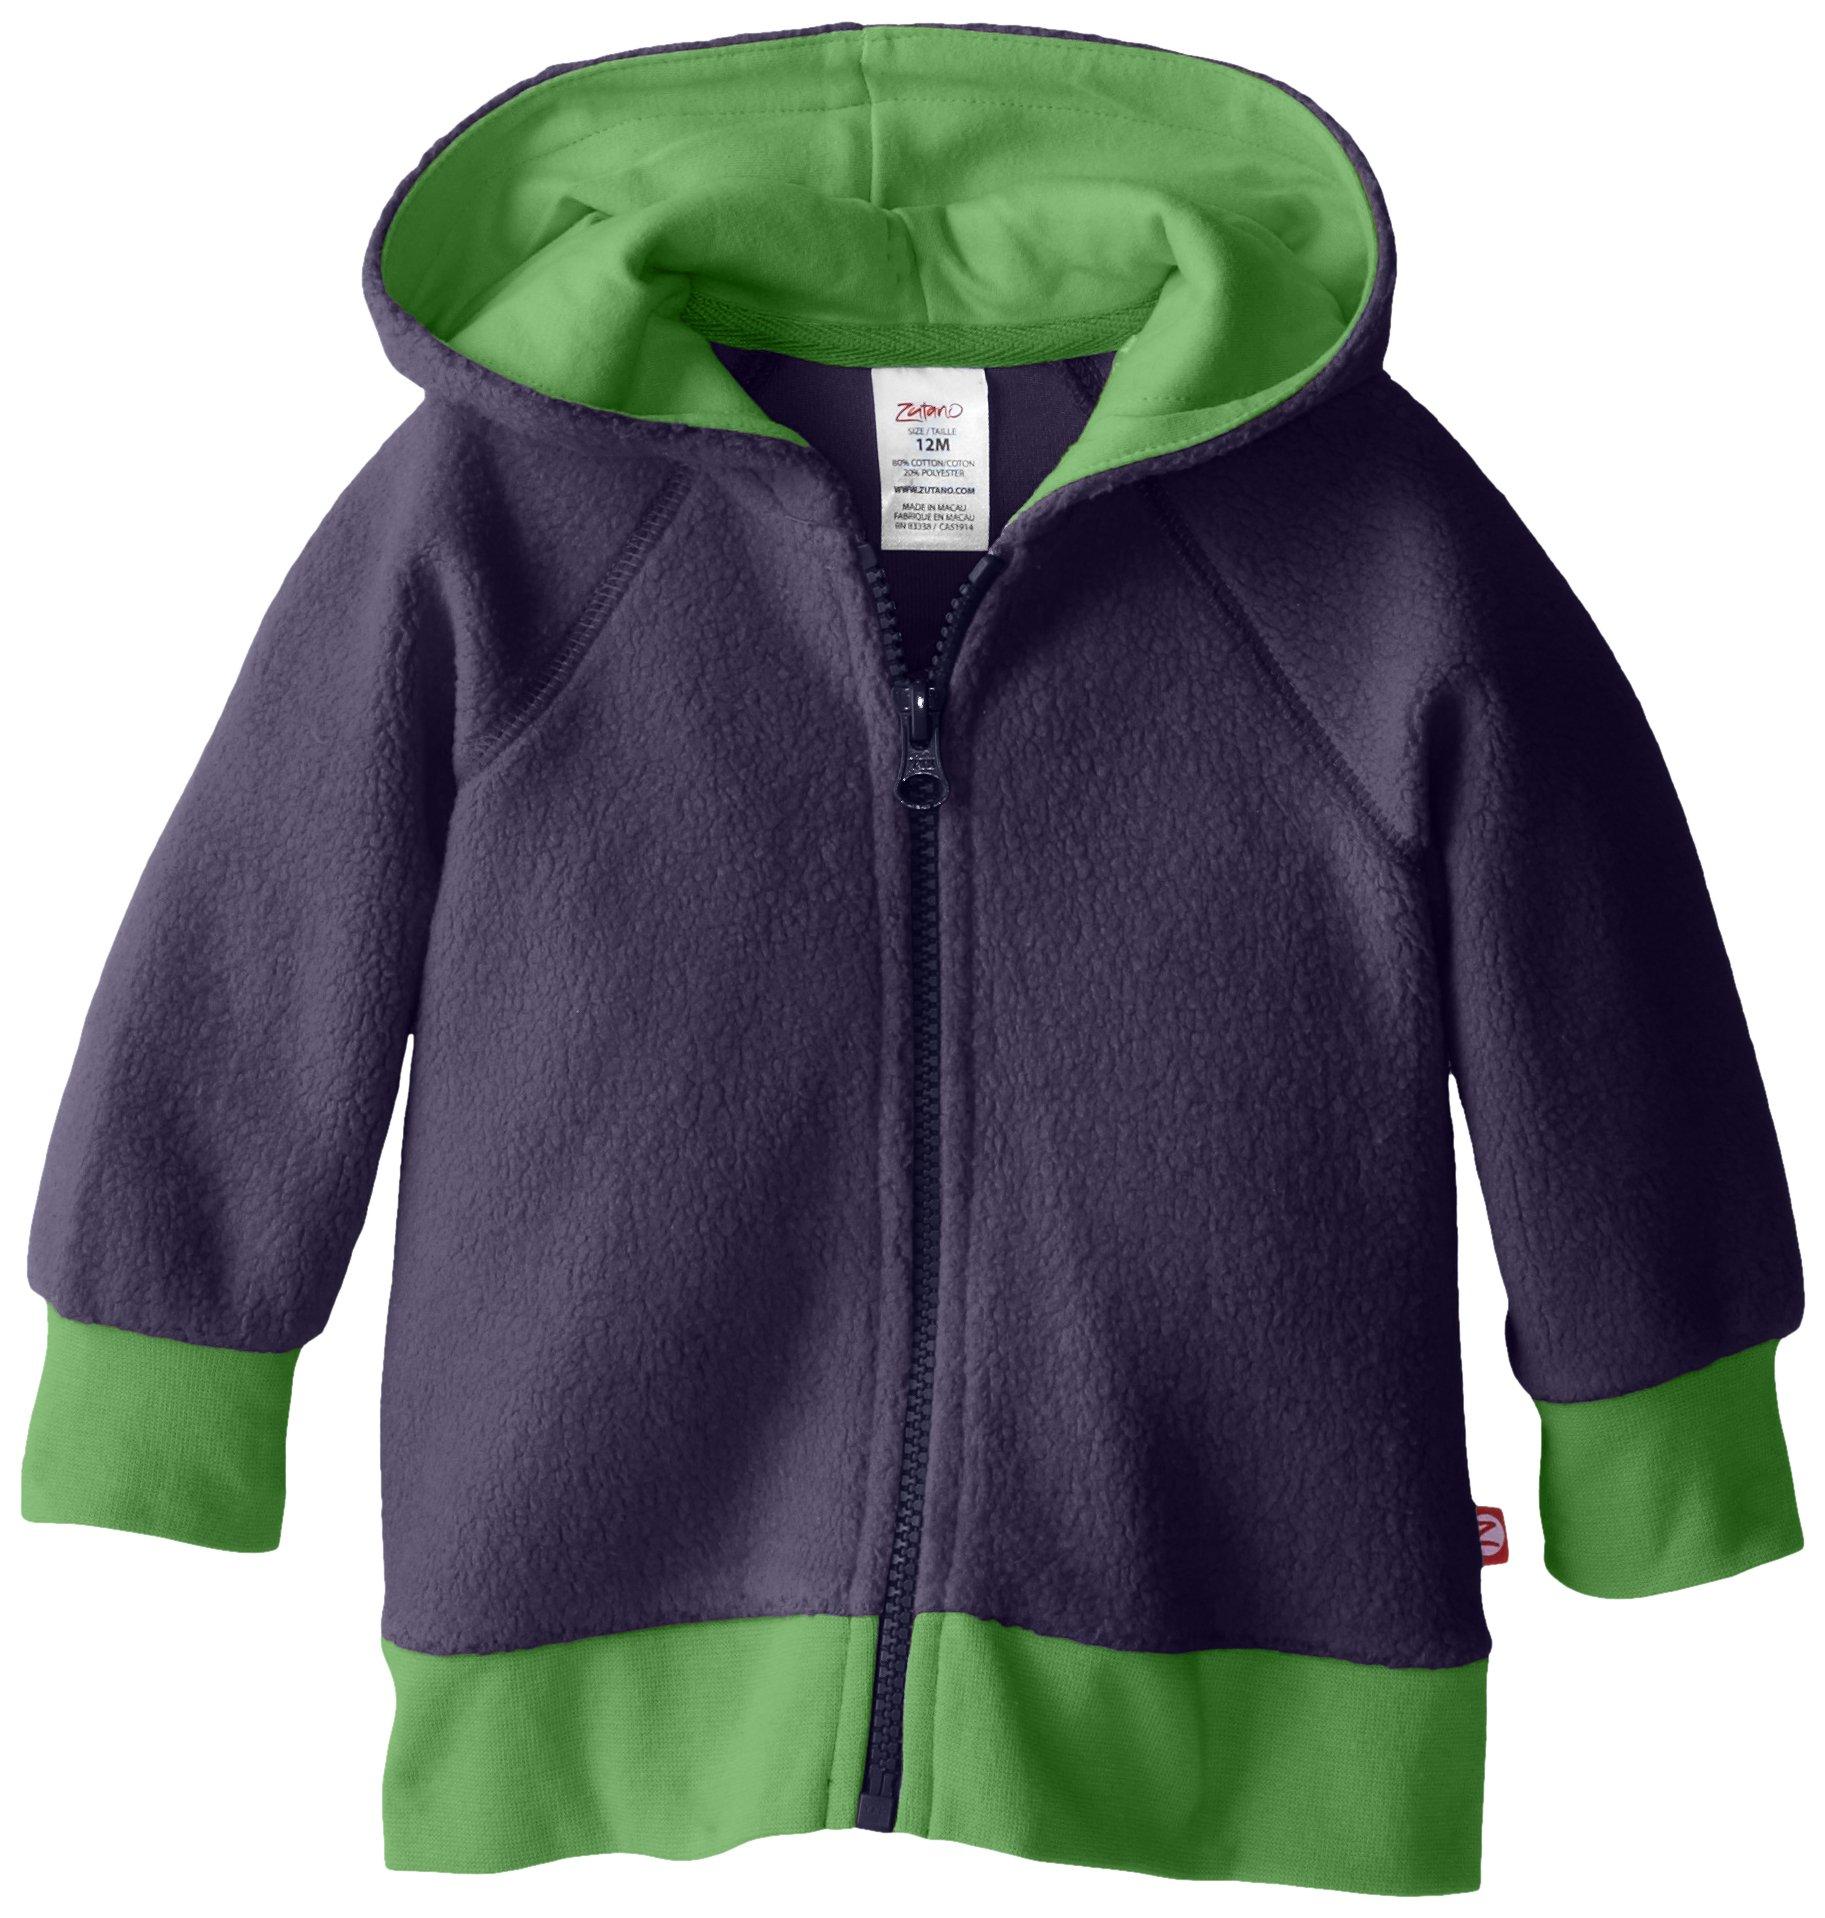 Zutano Unisex Baby Cozie Fleece Contrast Hoodie, Navy, 24 Months by Zutano